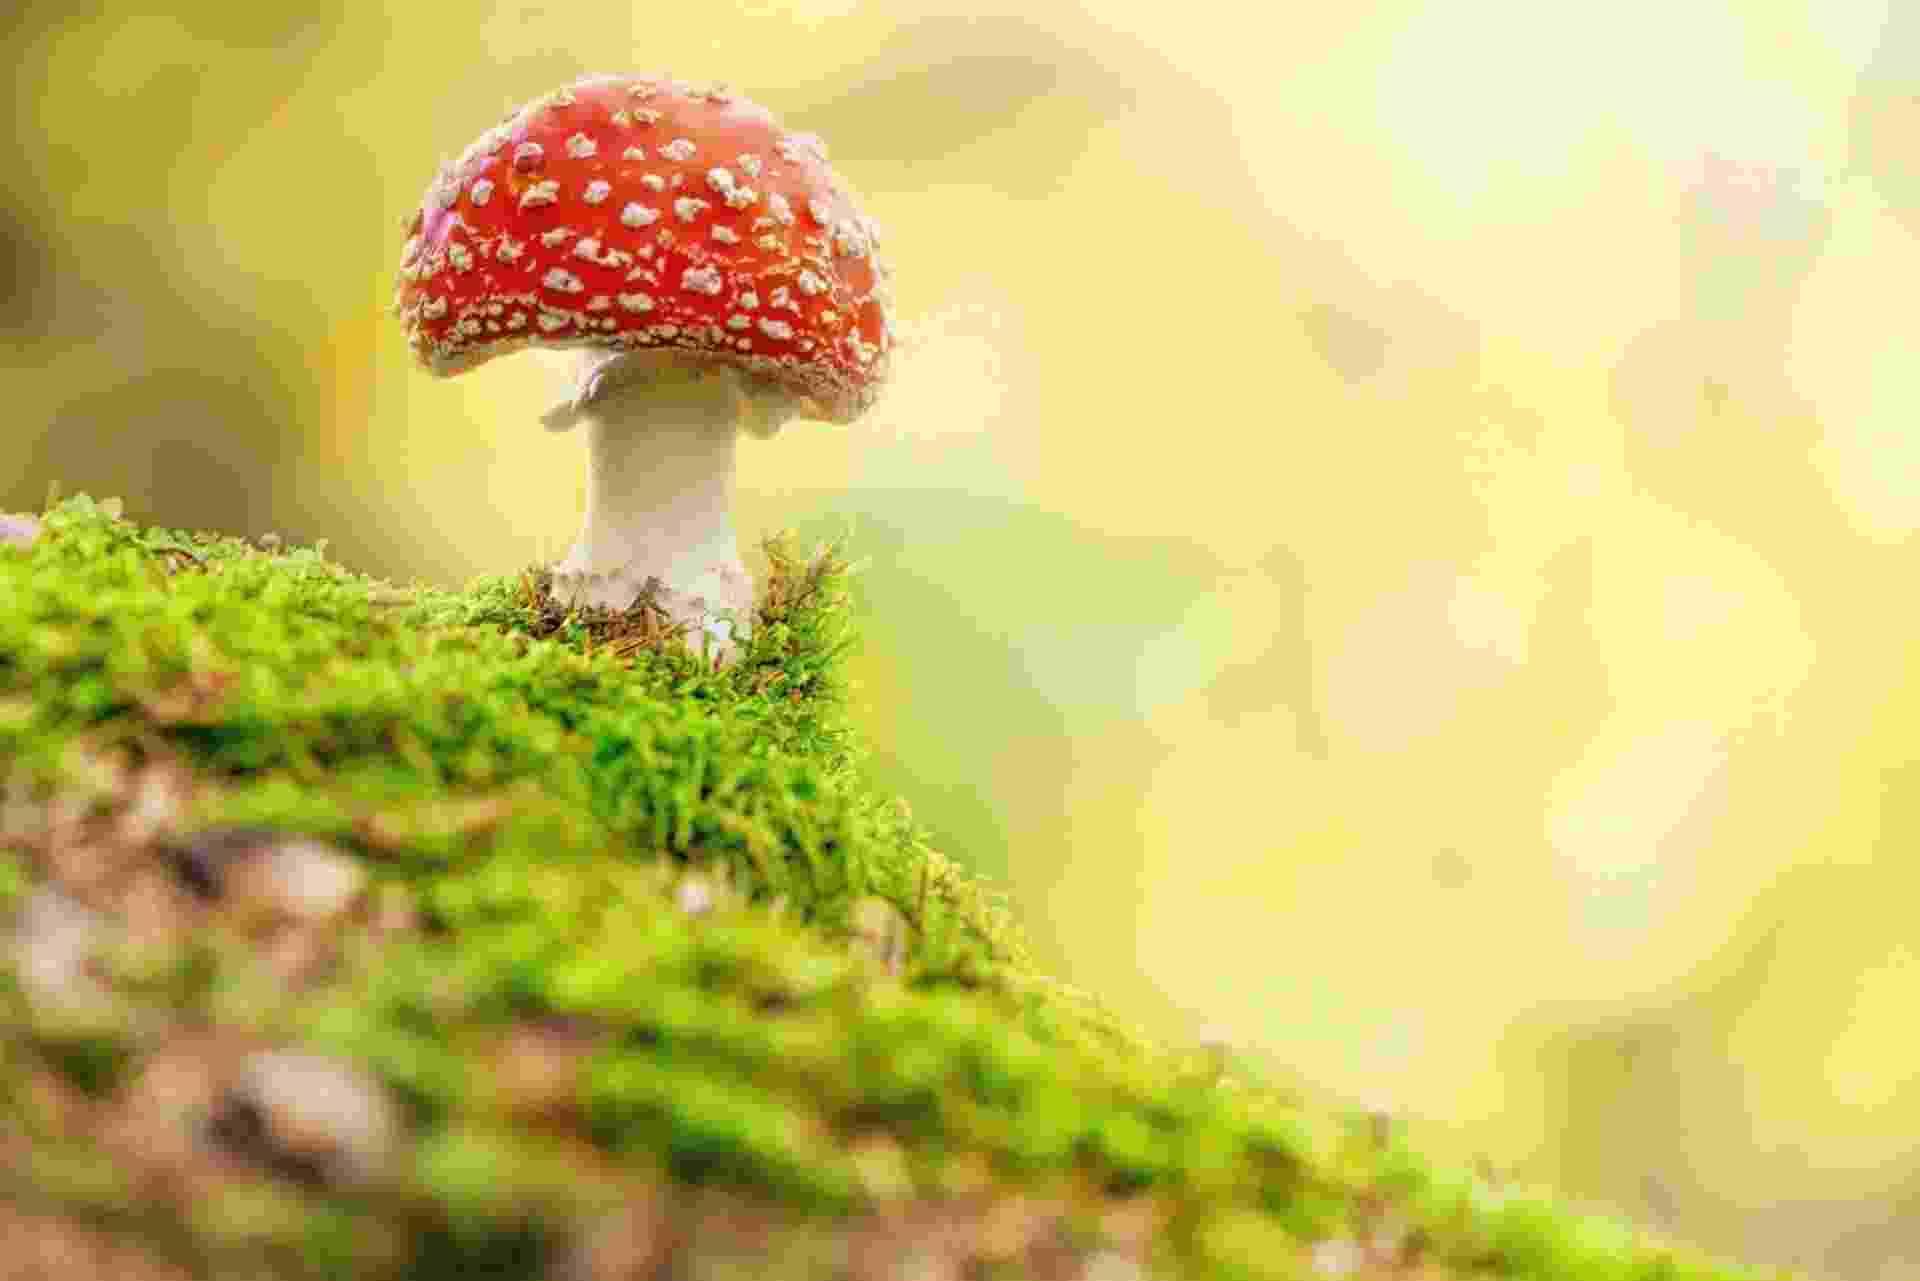 Cogumelo mágico, cogumelo alucinógeno - Thinkstock